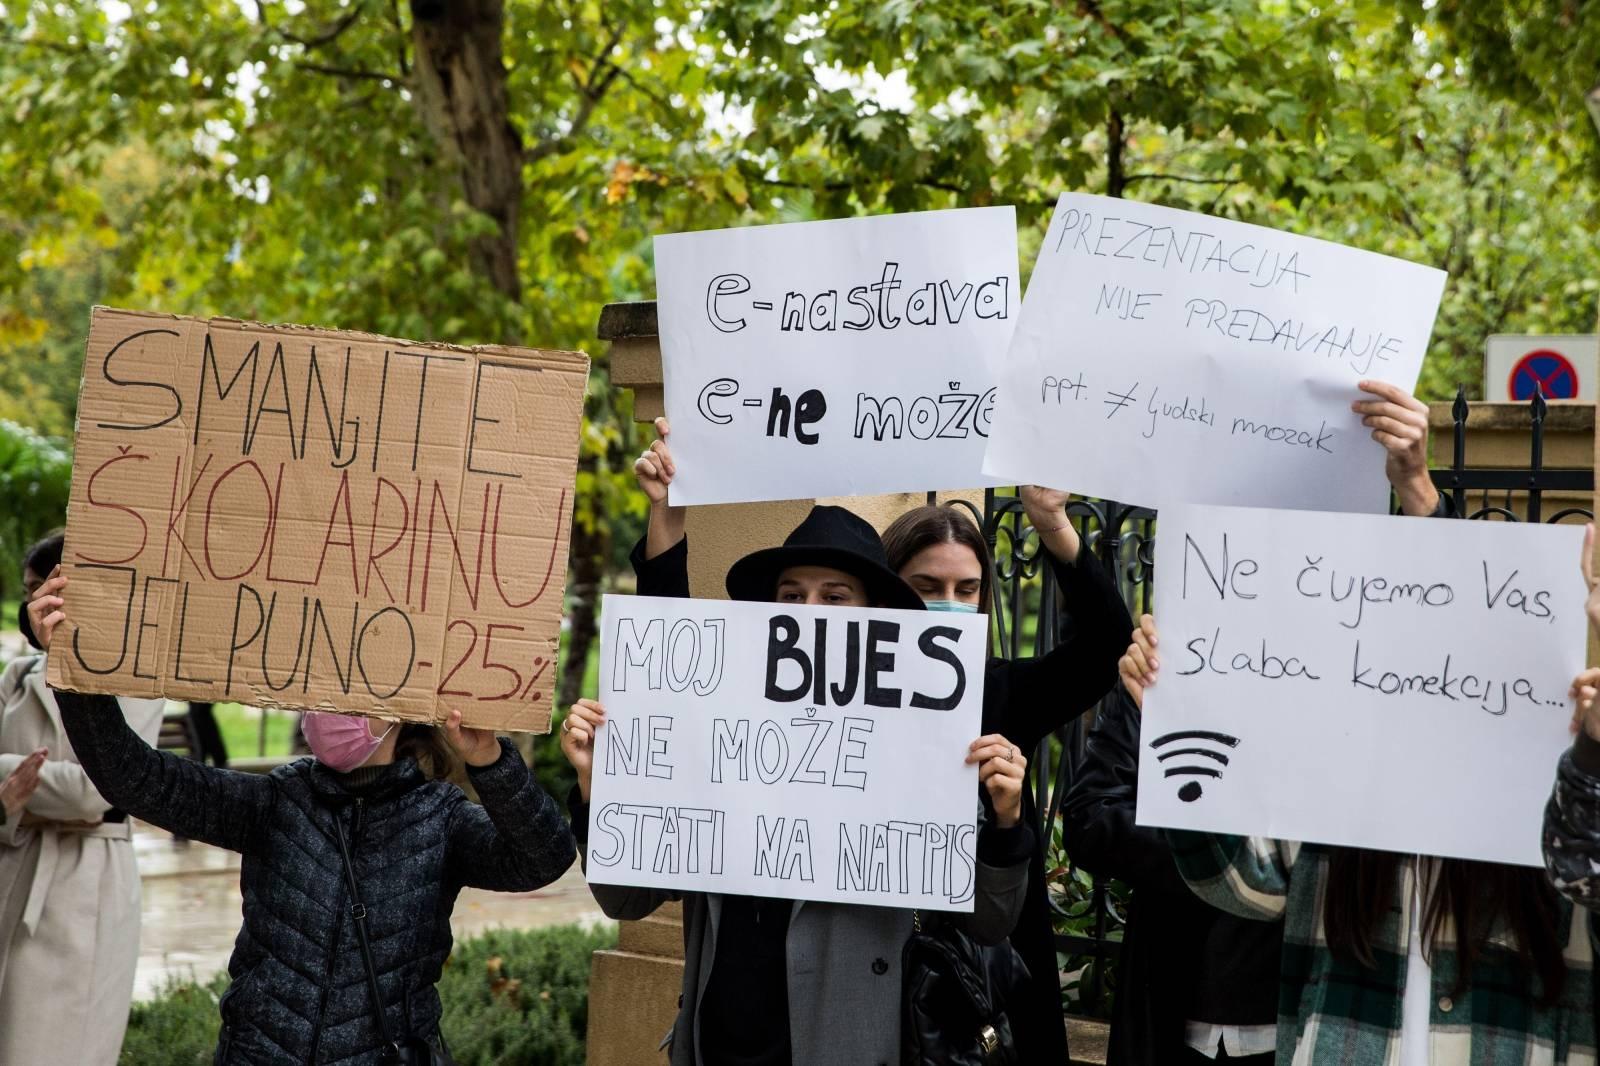 Studenti prosvjedovali u Mostaru zbog previsokih školarina i loše online nastave